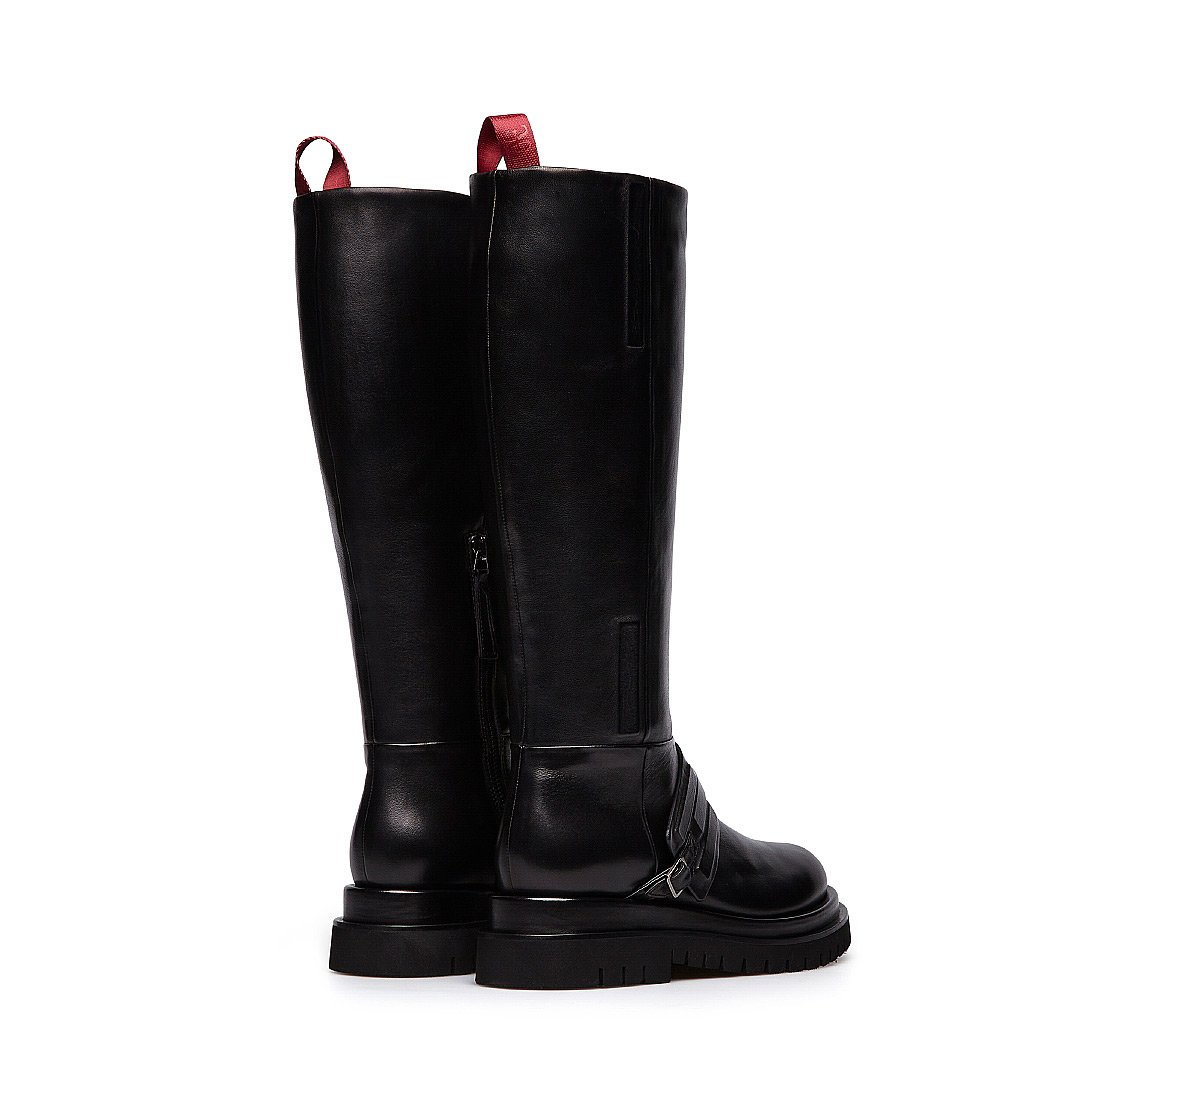 Nappa leather biker boots